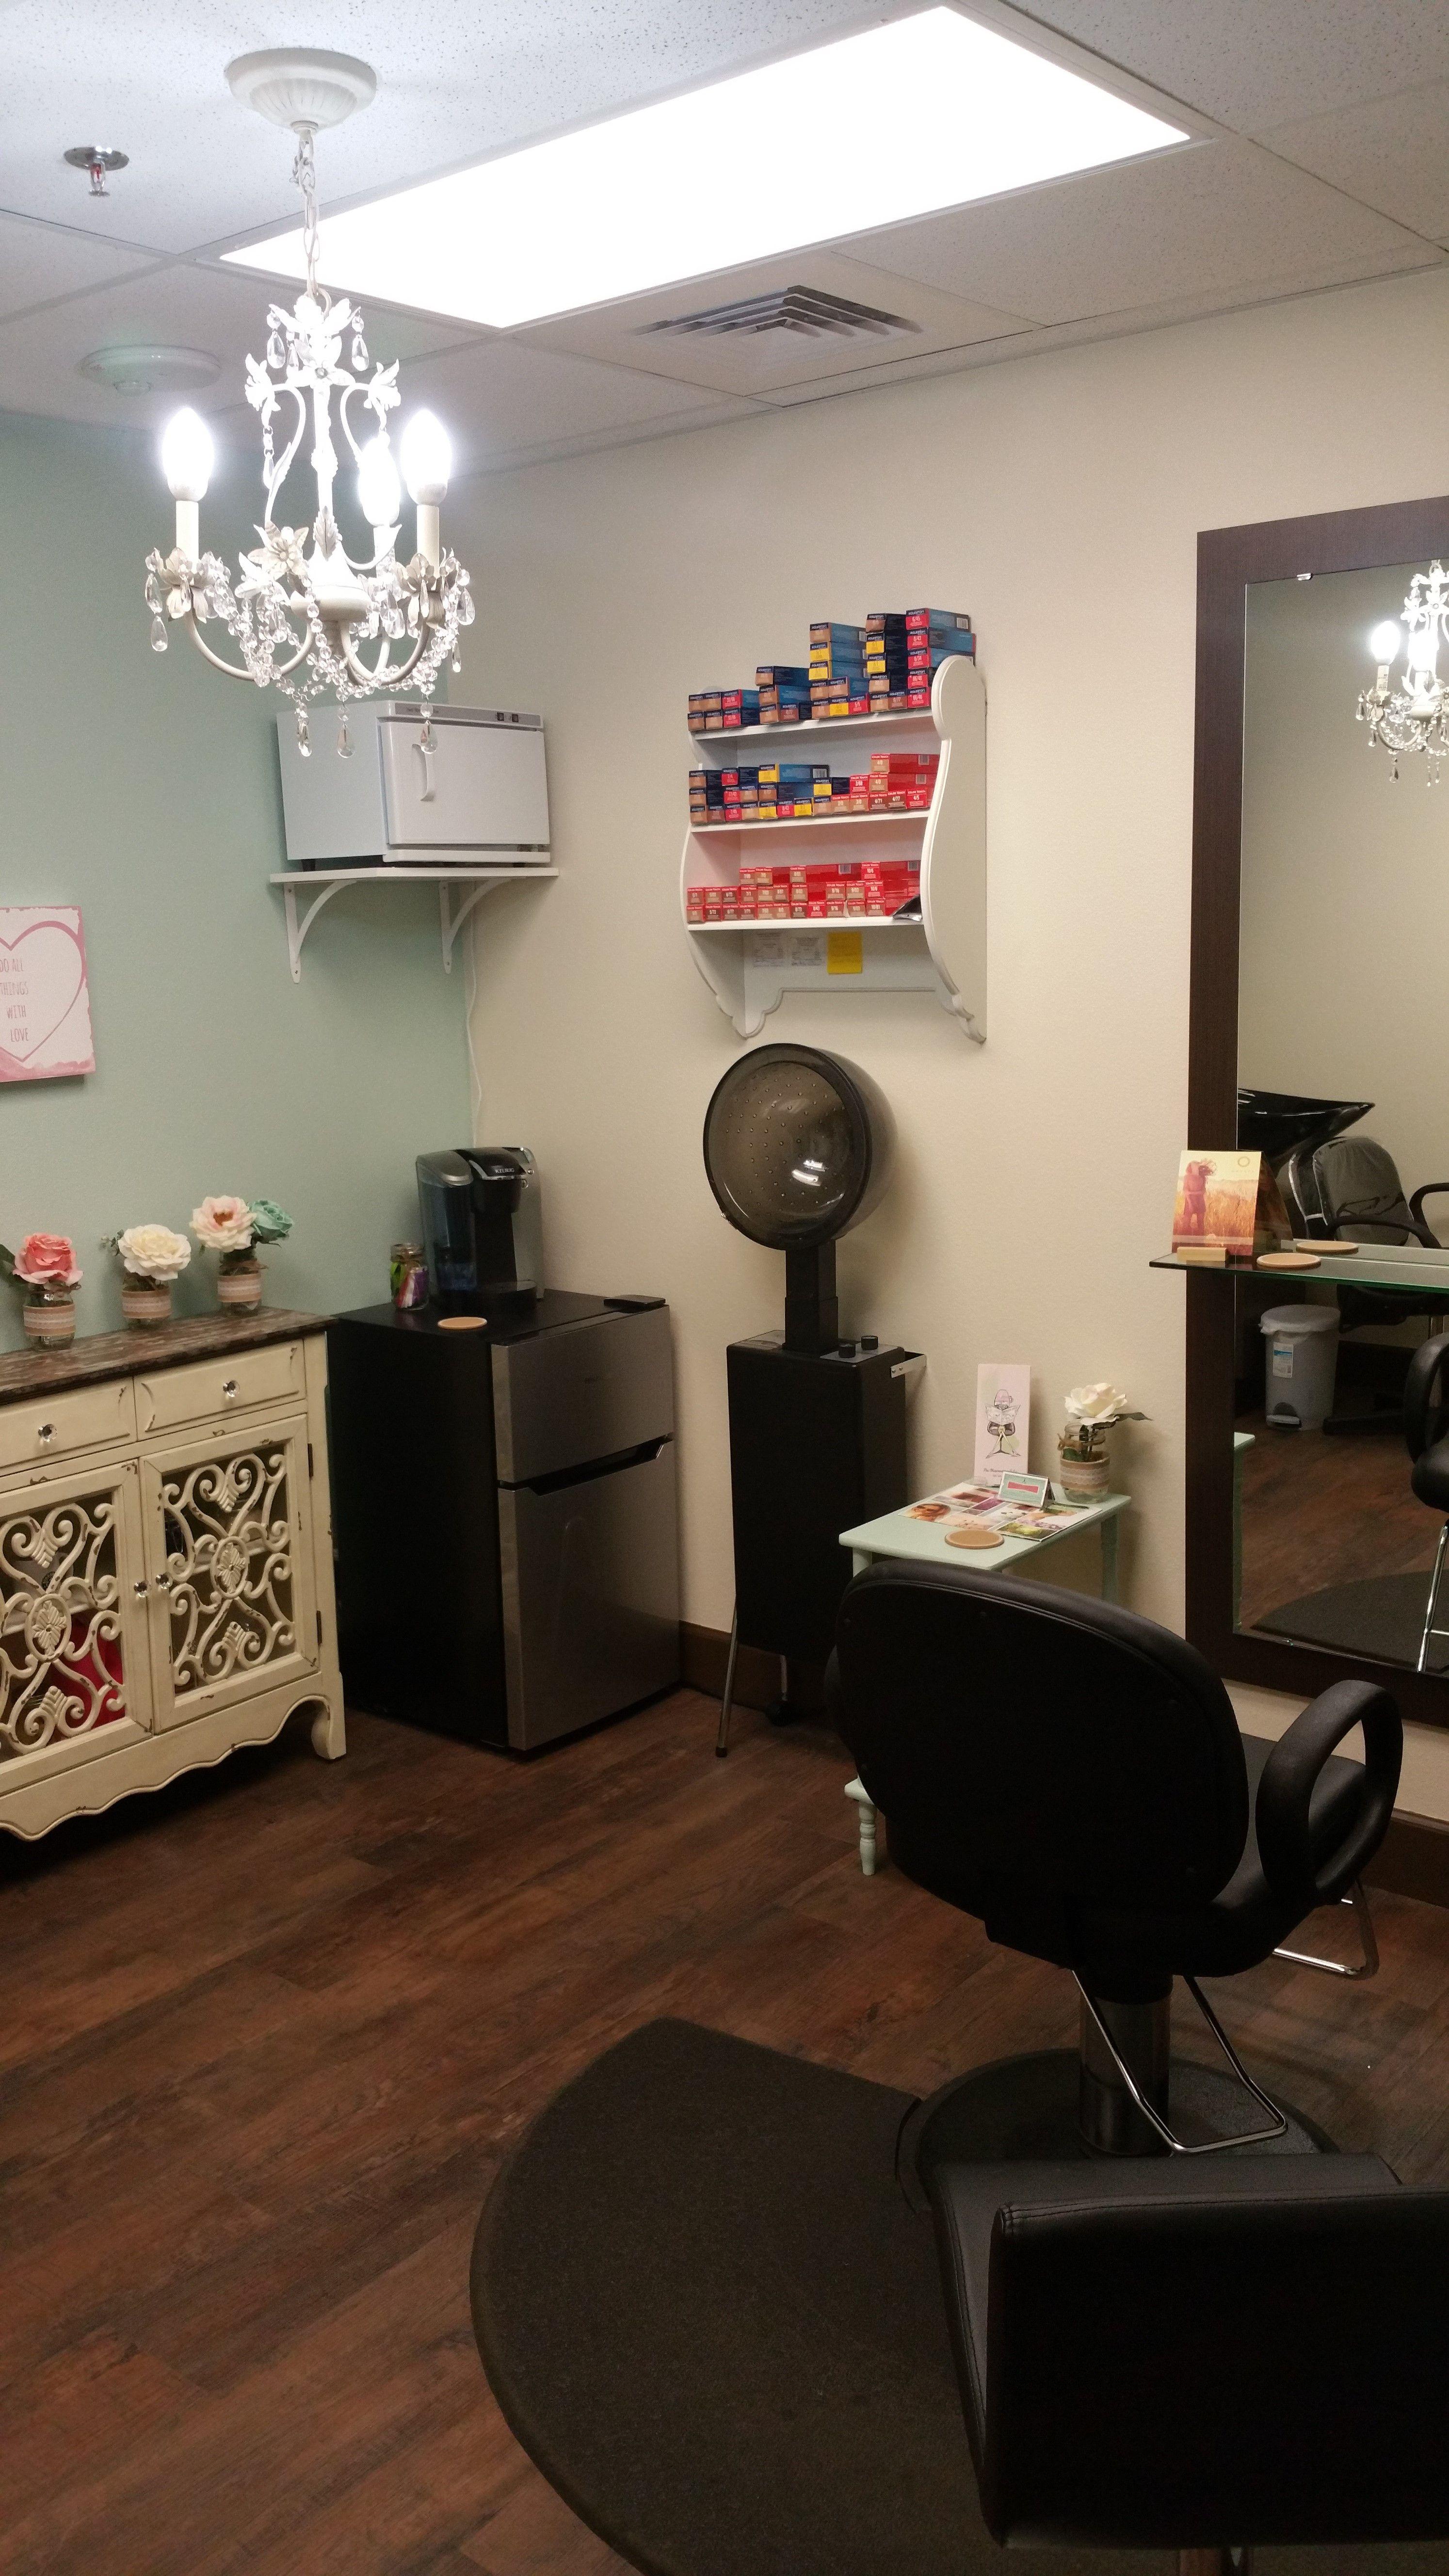 Salons By Jc Austin